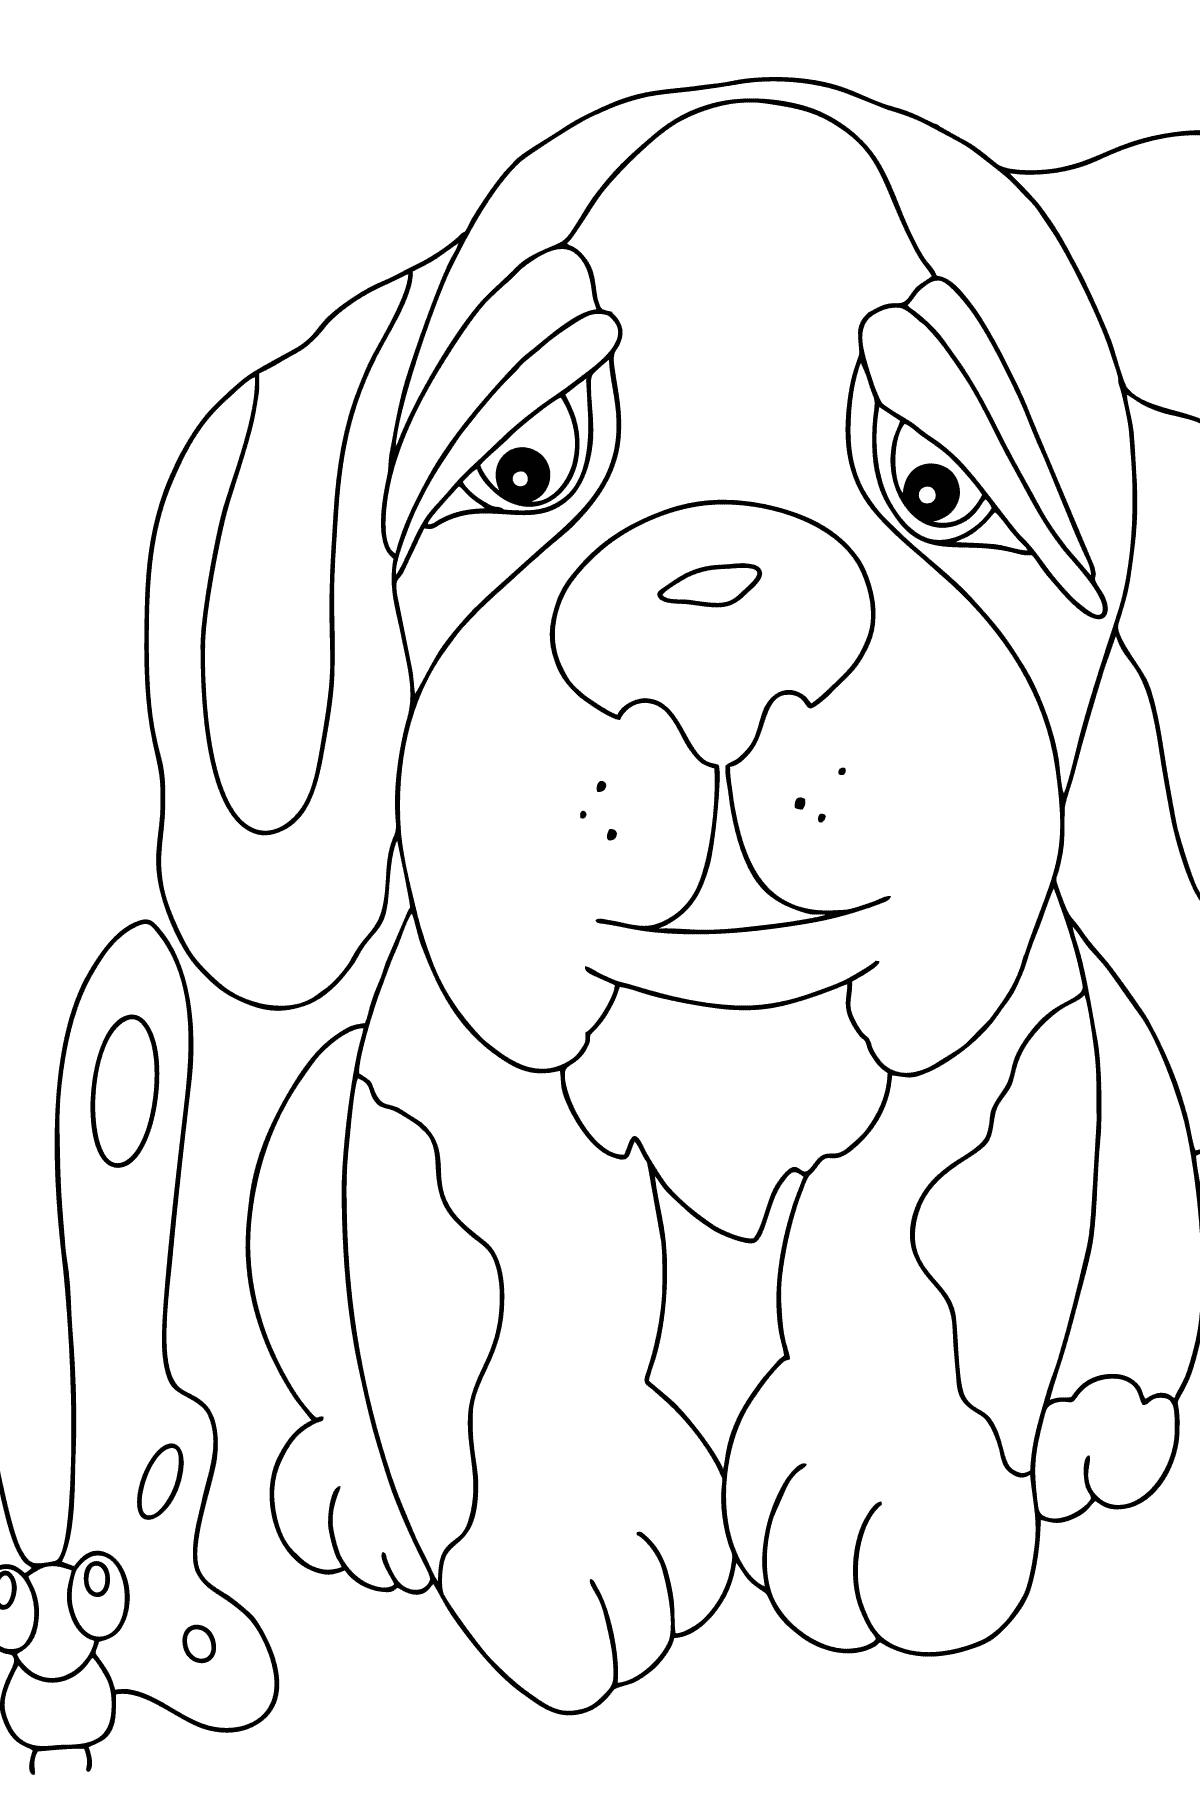 Простая раскраска Собака - Картинки для Детей